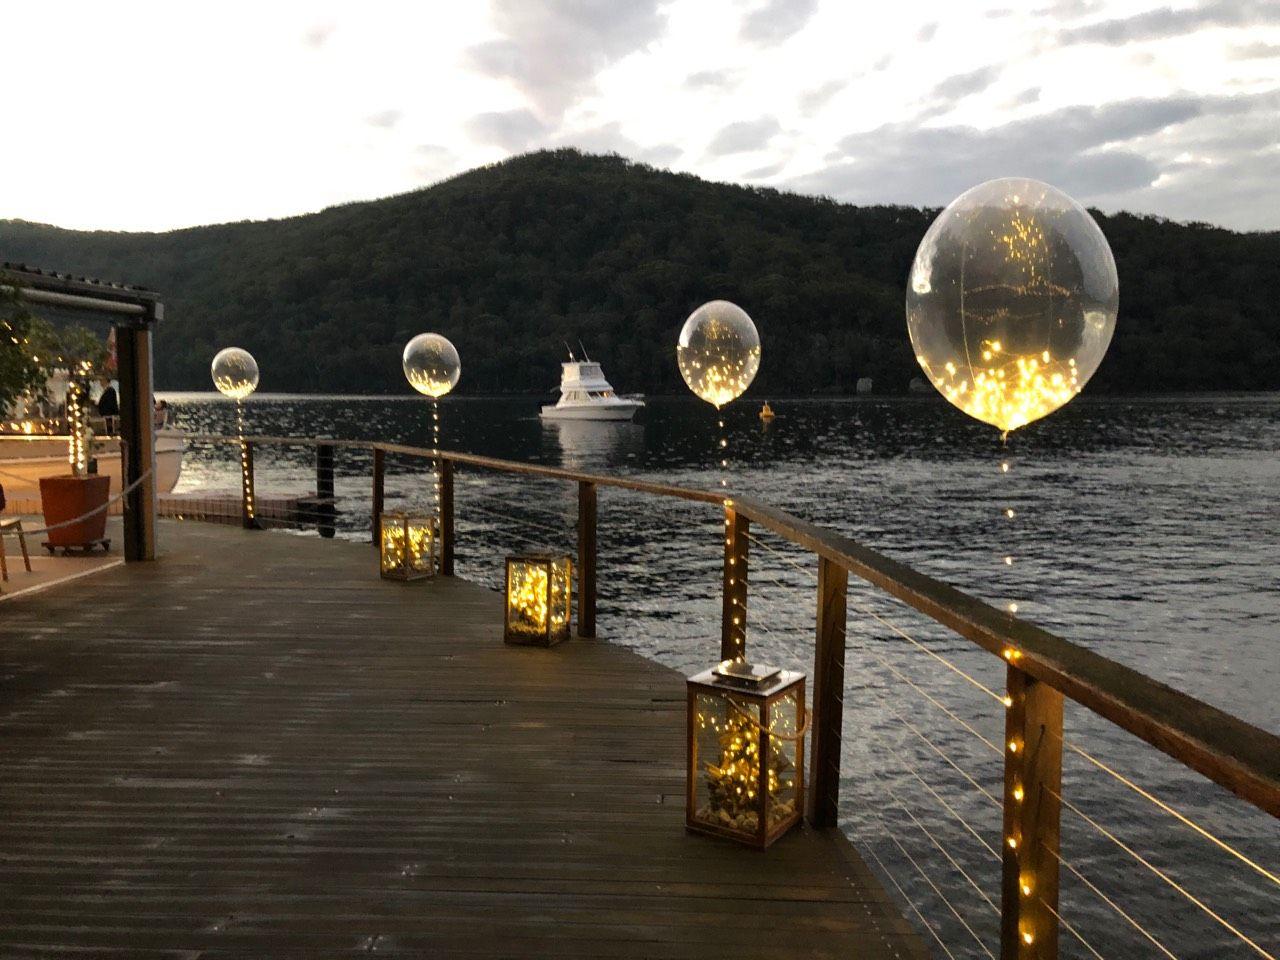 Es ist uns eine Ehre, Ihnen unsere wunderschönen Funkelnden Luftballons für eine Hochzeit zur Verfügung zu stellen. So ein besonderer Ort, in einer wunderschönen Ecke der Welt.